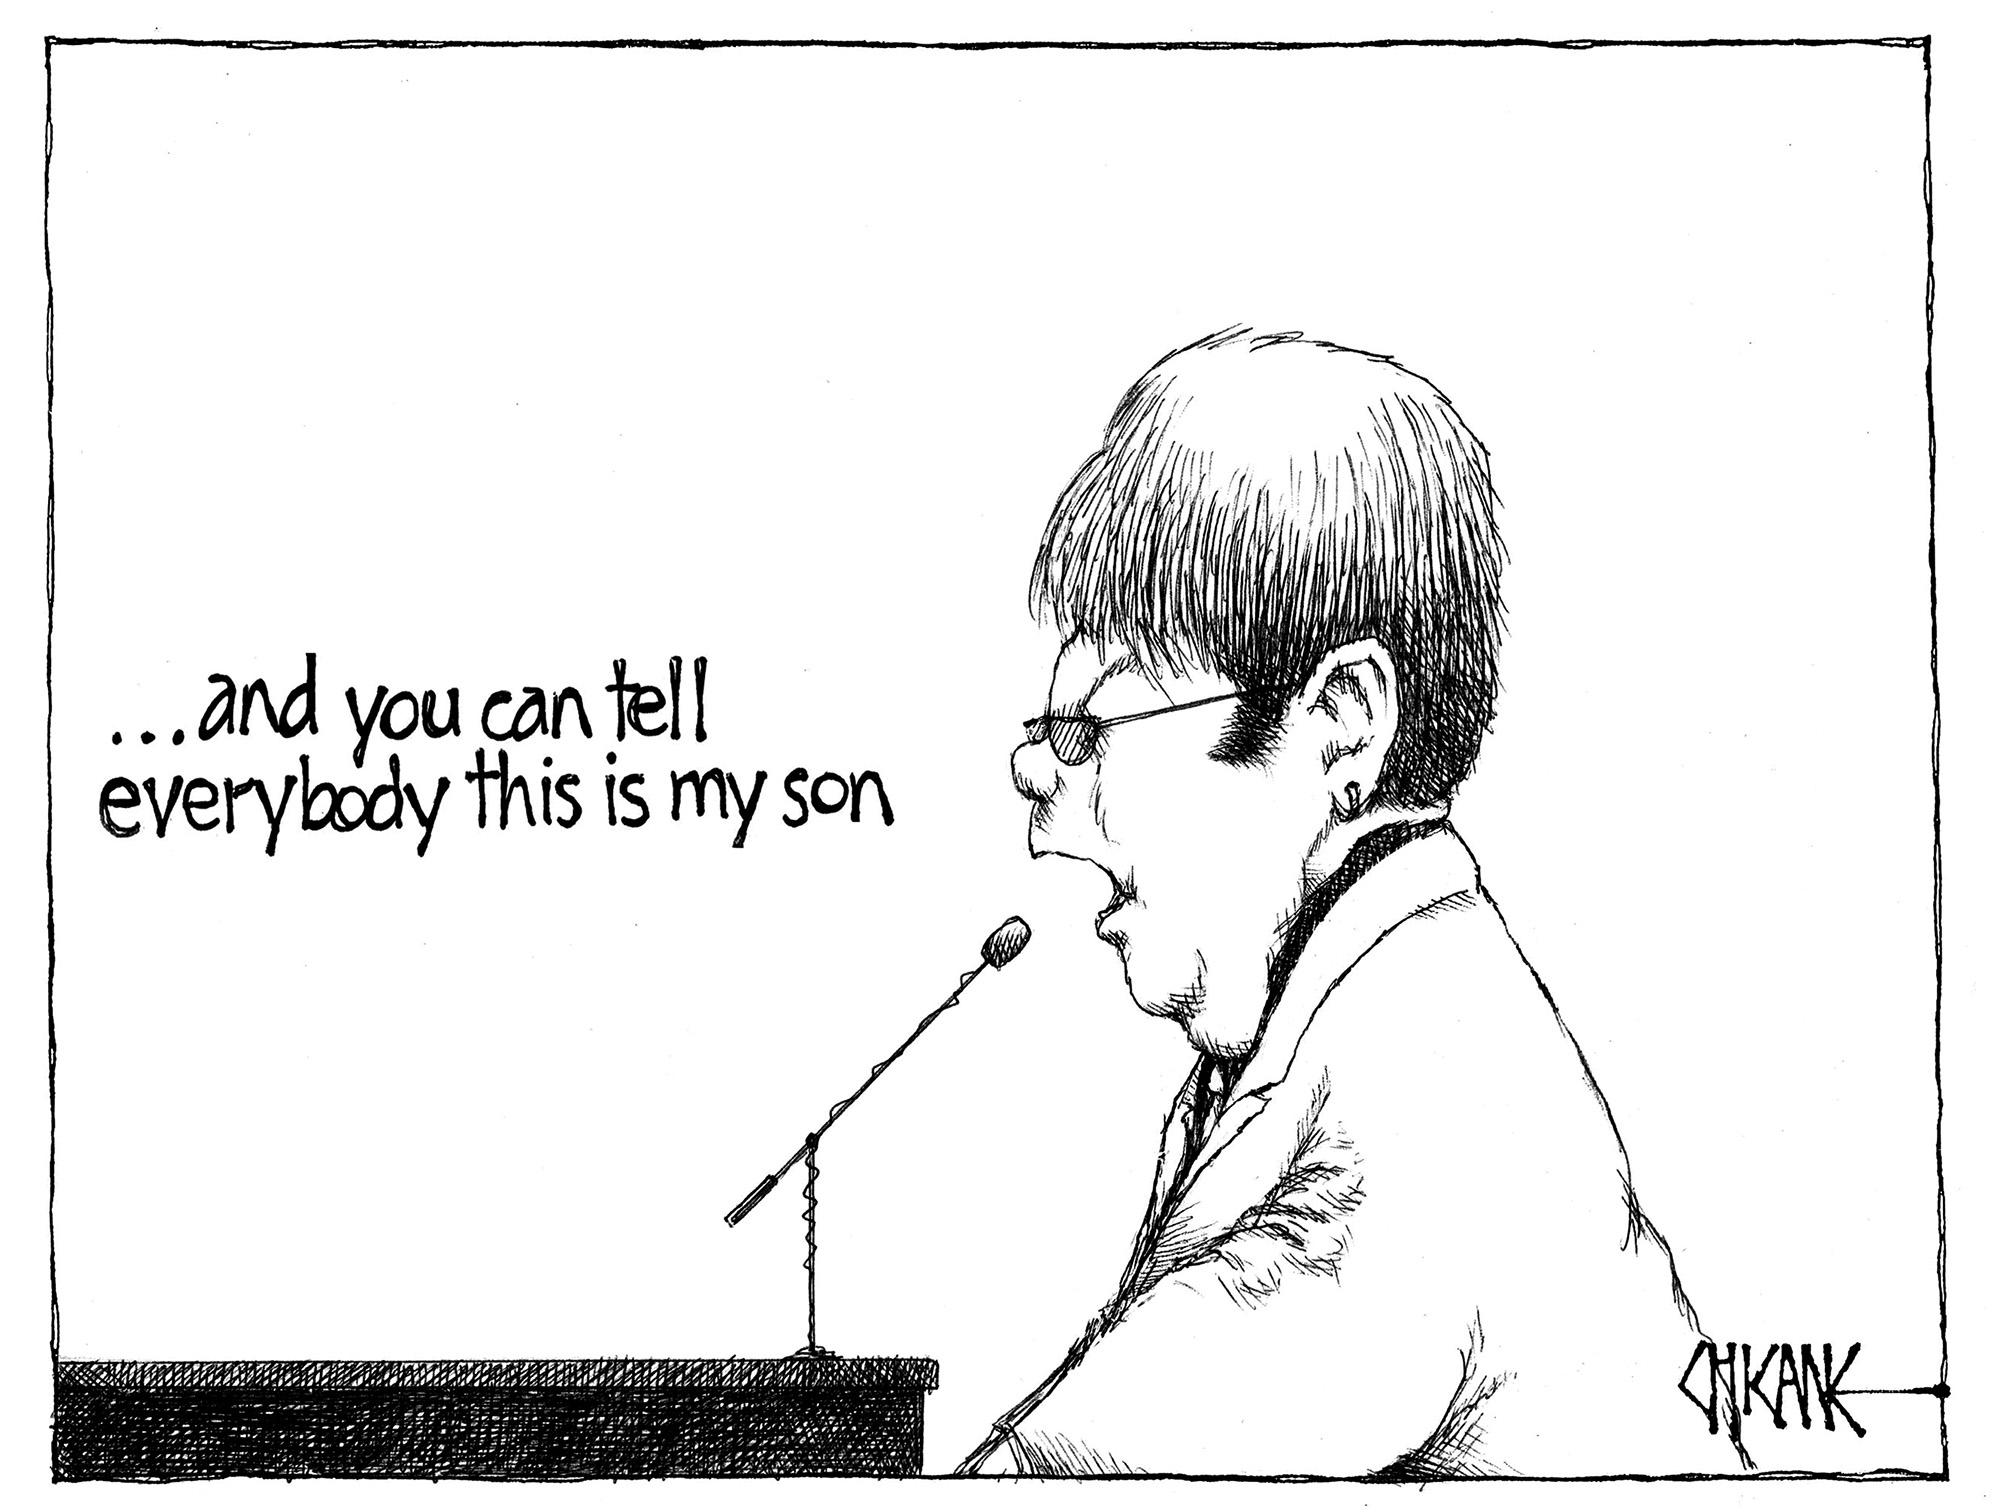 Elton John has a son. Cartoon by Chicane.